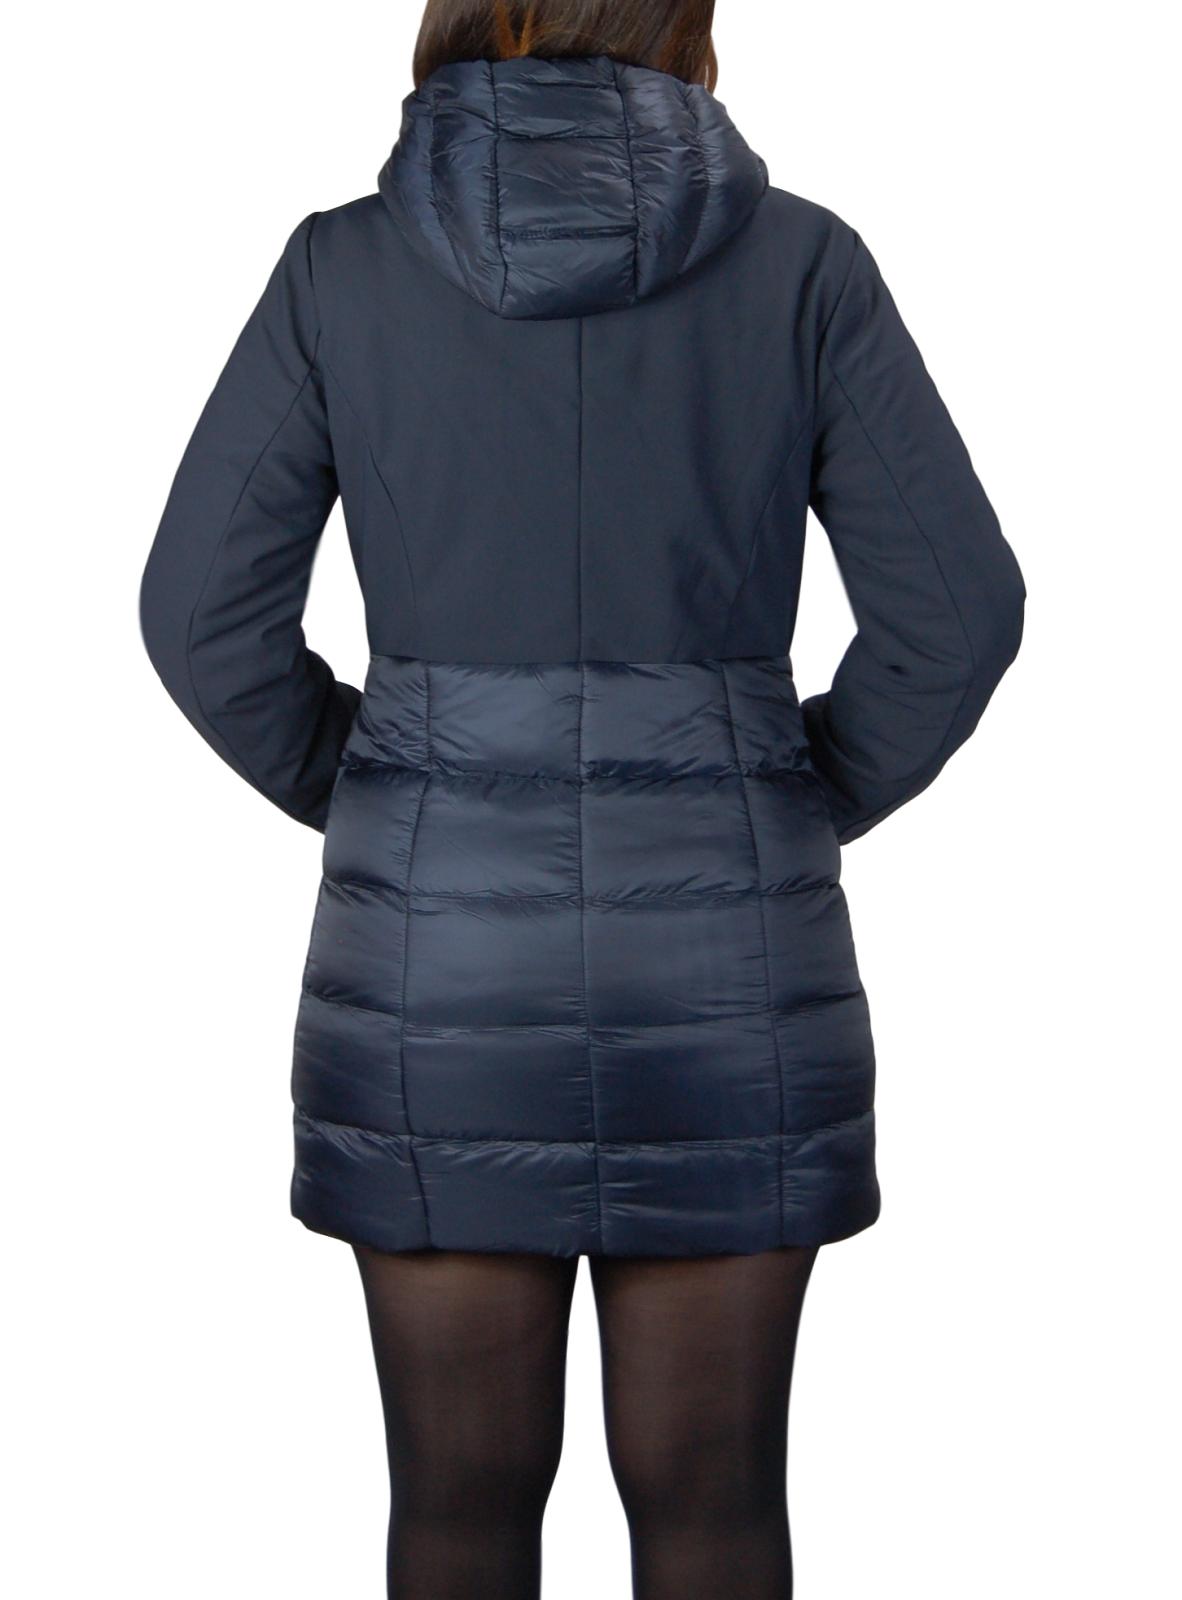 Giubbotto-Donna-Invernale-Piumino-Impermeabile-Parka-Blu-Nero-Slim-fit-Casual miniatura 15